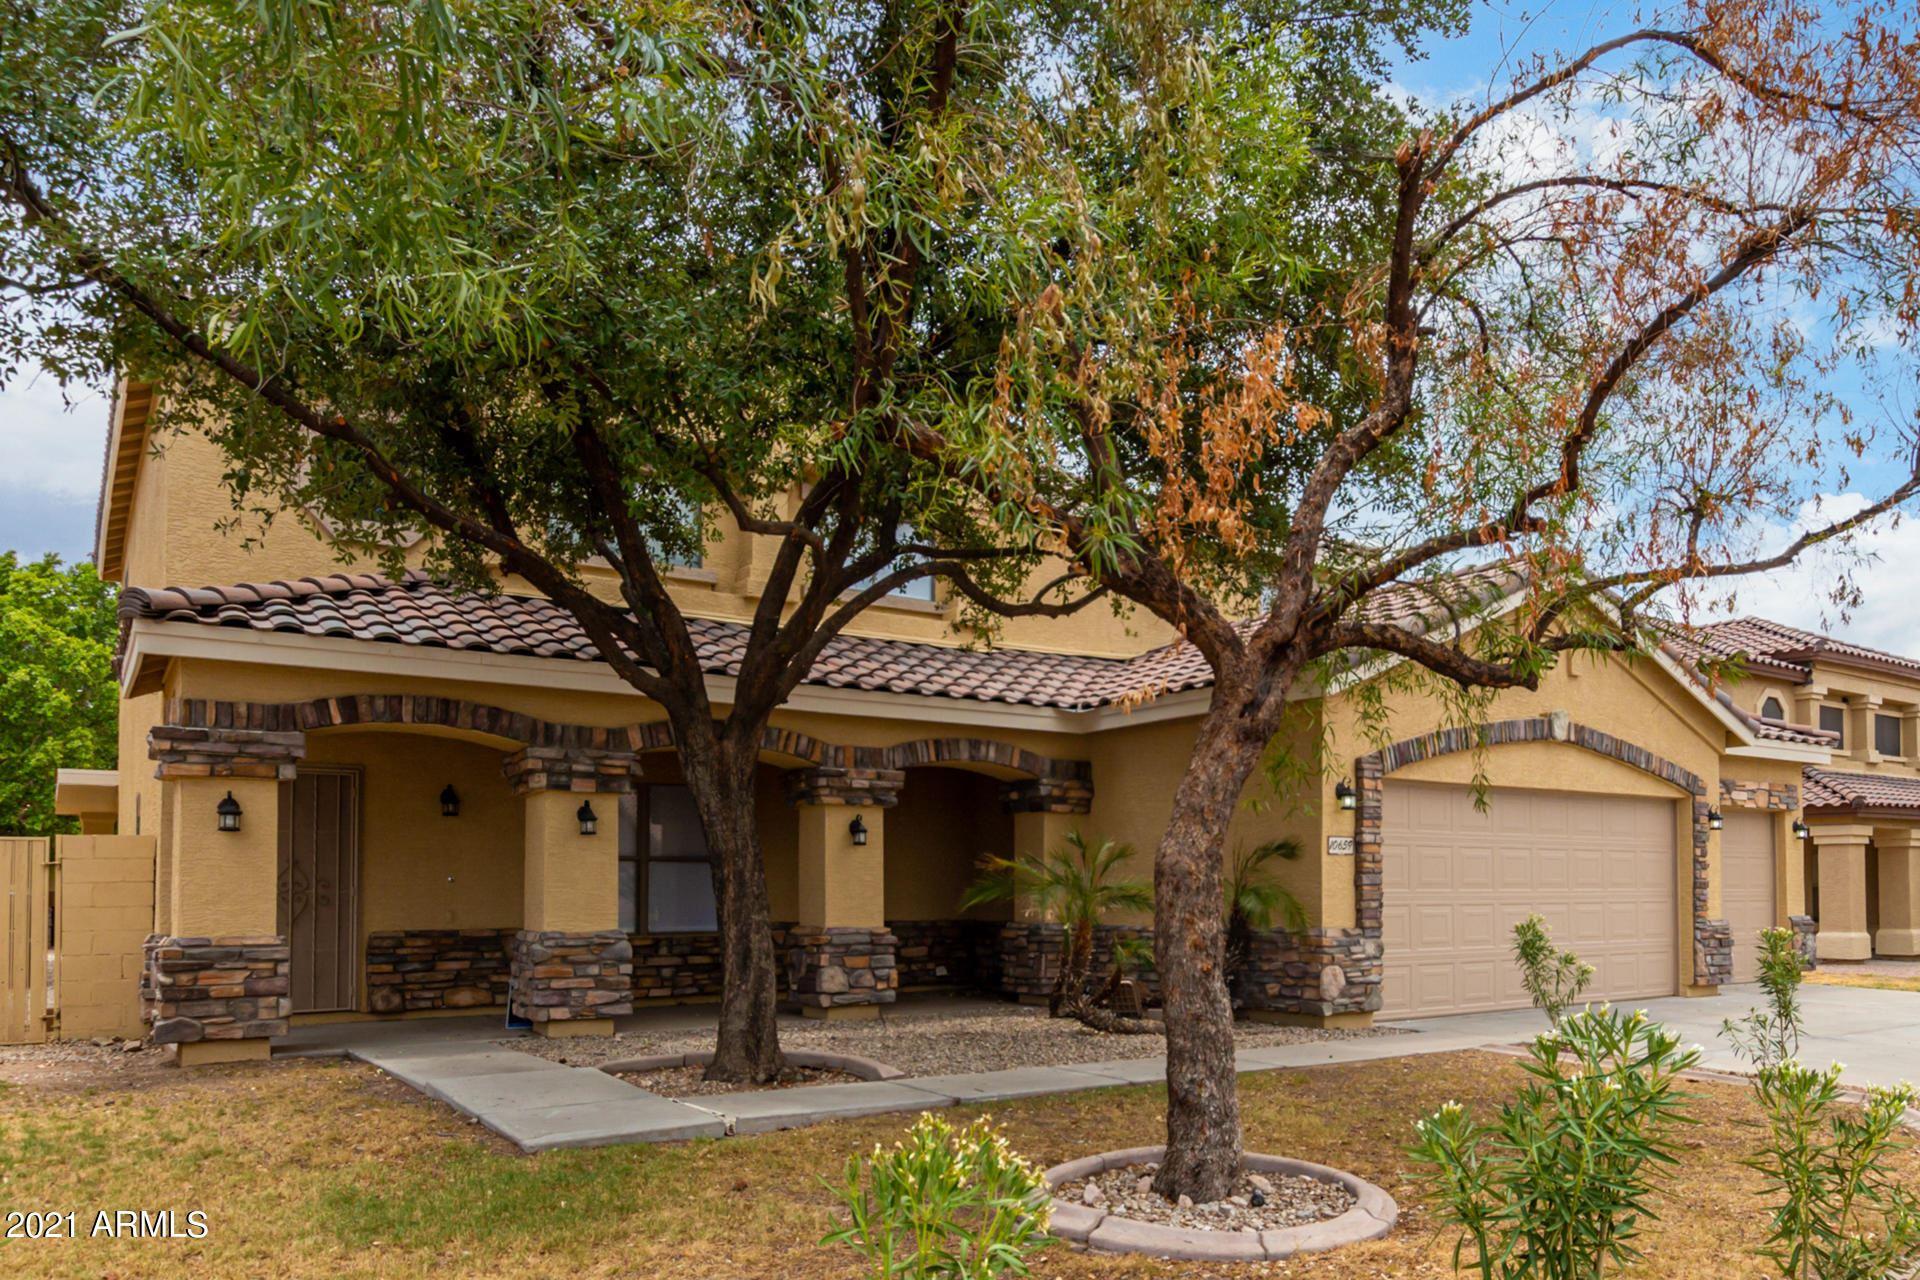 Photo of 10659 E ANANEA Avenue, Mesa, AZ 85208 (MLS # 6269214)